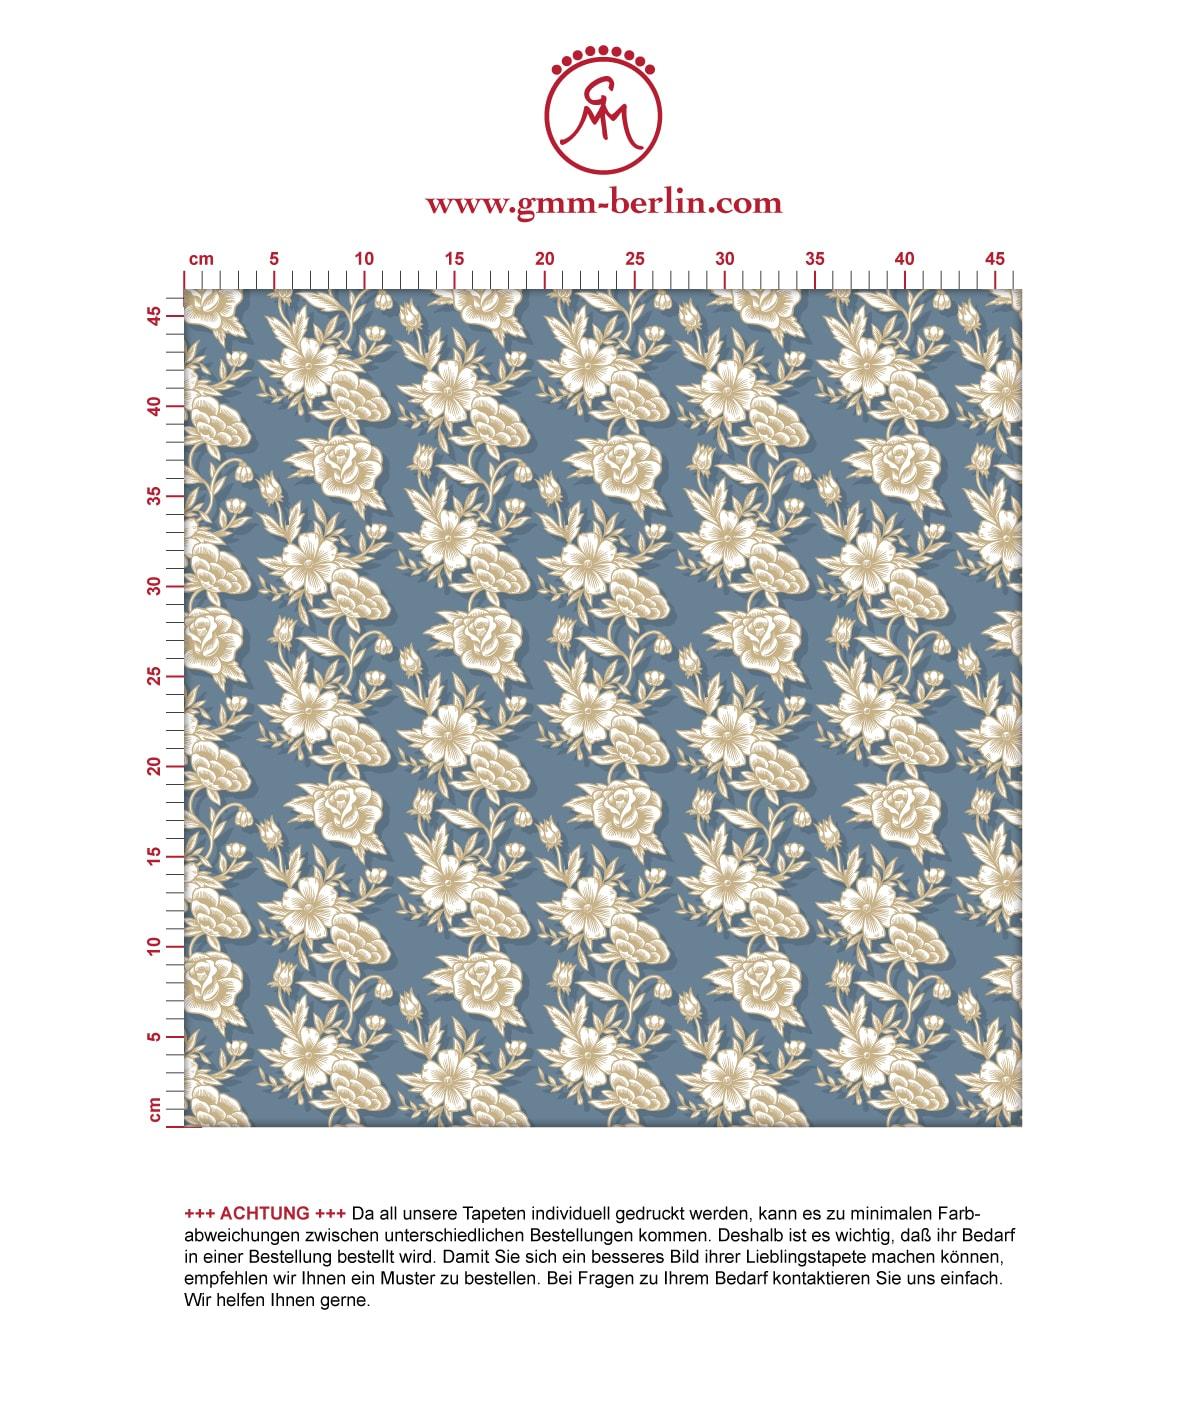 """Edle Blümchen Tapete """"Les fleurs du chateau"""", blau beige Vlies Blumentapete, Wohnakzent, Wanddeko für Flur, Büro. Aus dem GMM-BERLIN.com Sortiment: Schöne Tapeten in der Farbe: mittelblau,"""